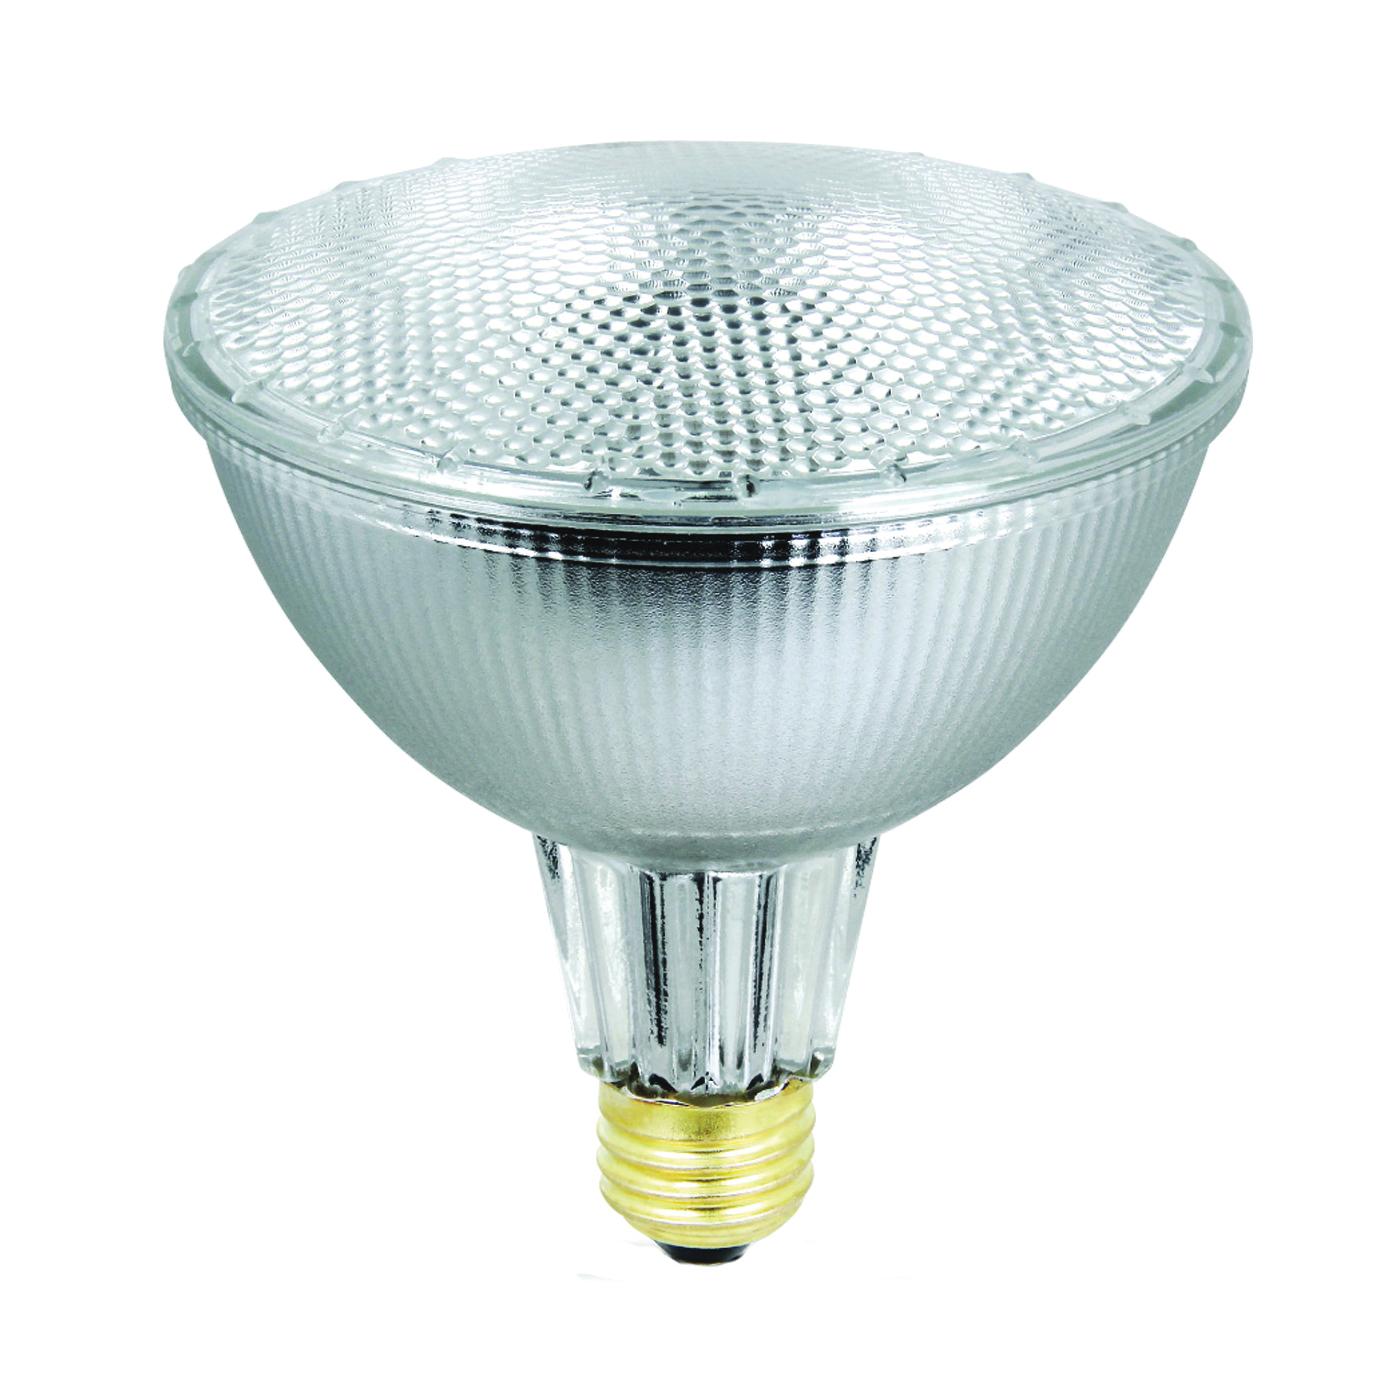 Picture of Feit Electric 55PAR38/QFL/ES Halogen Lamp, 56 W, Medium E26 Lamp Base, PAR38 Lamp, Soft White Light, 980 Lumens